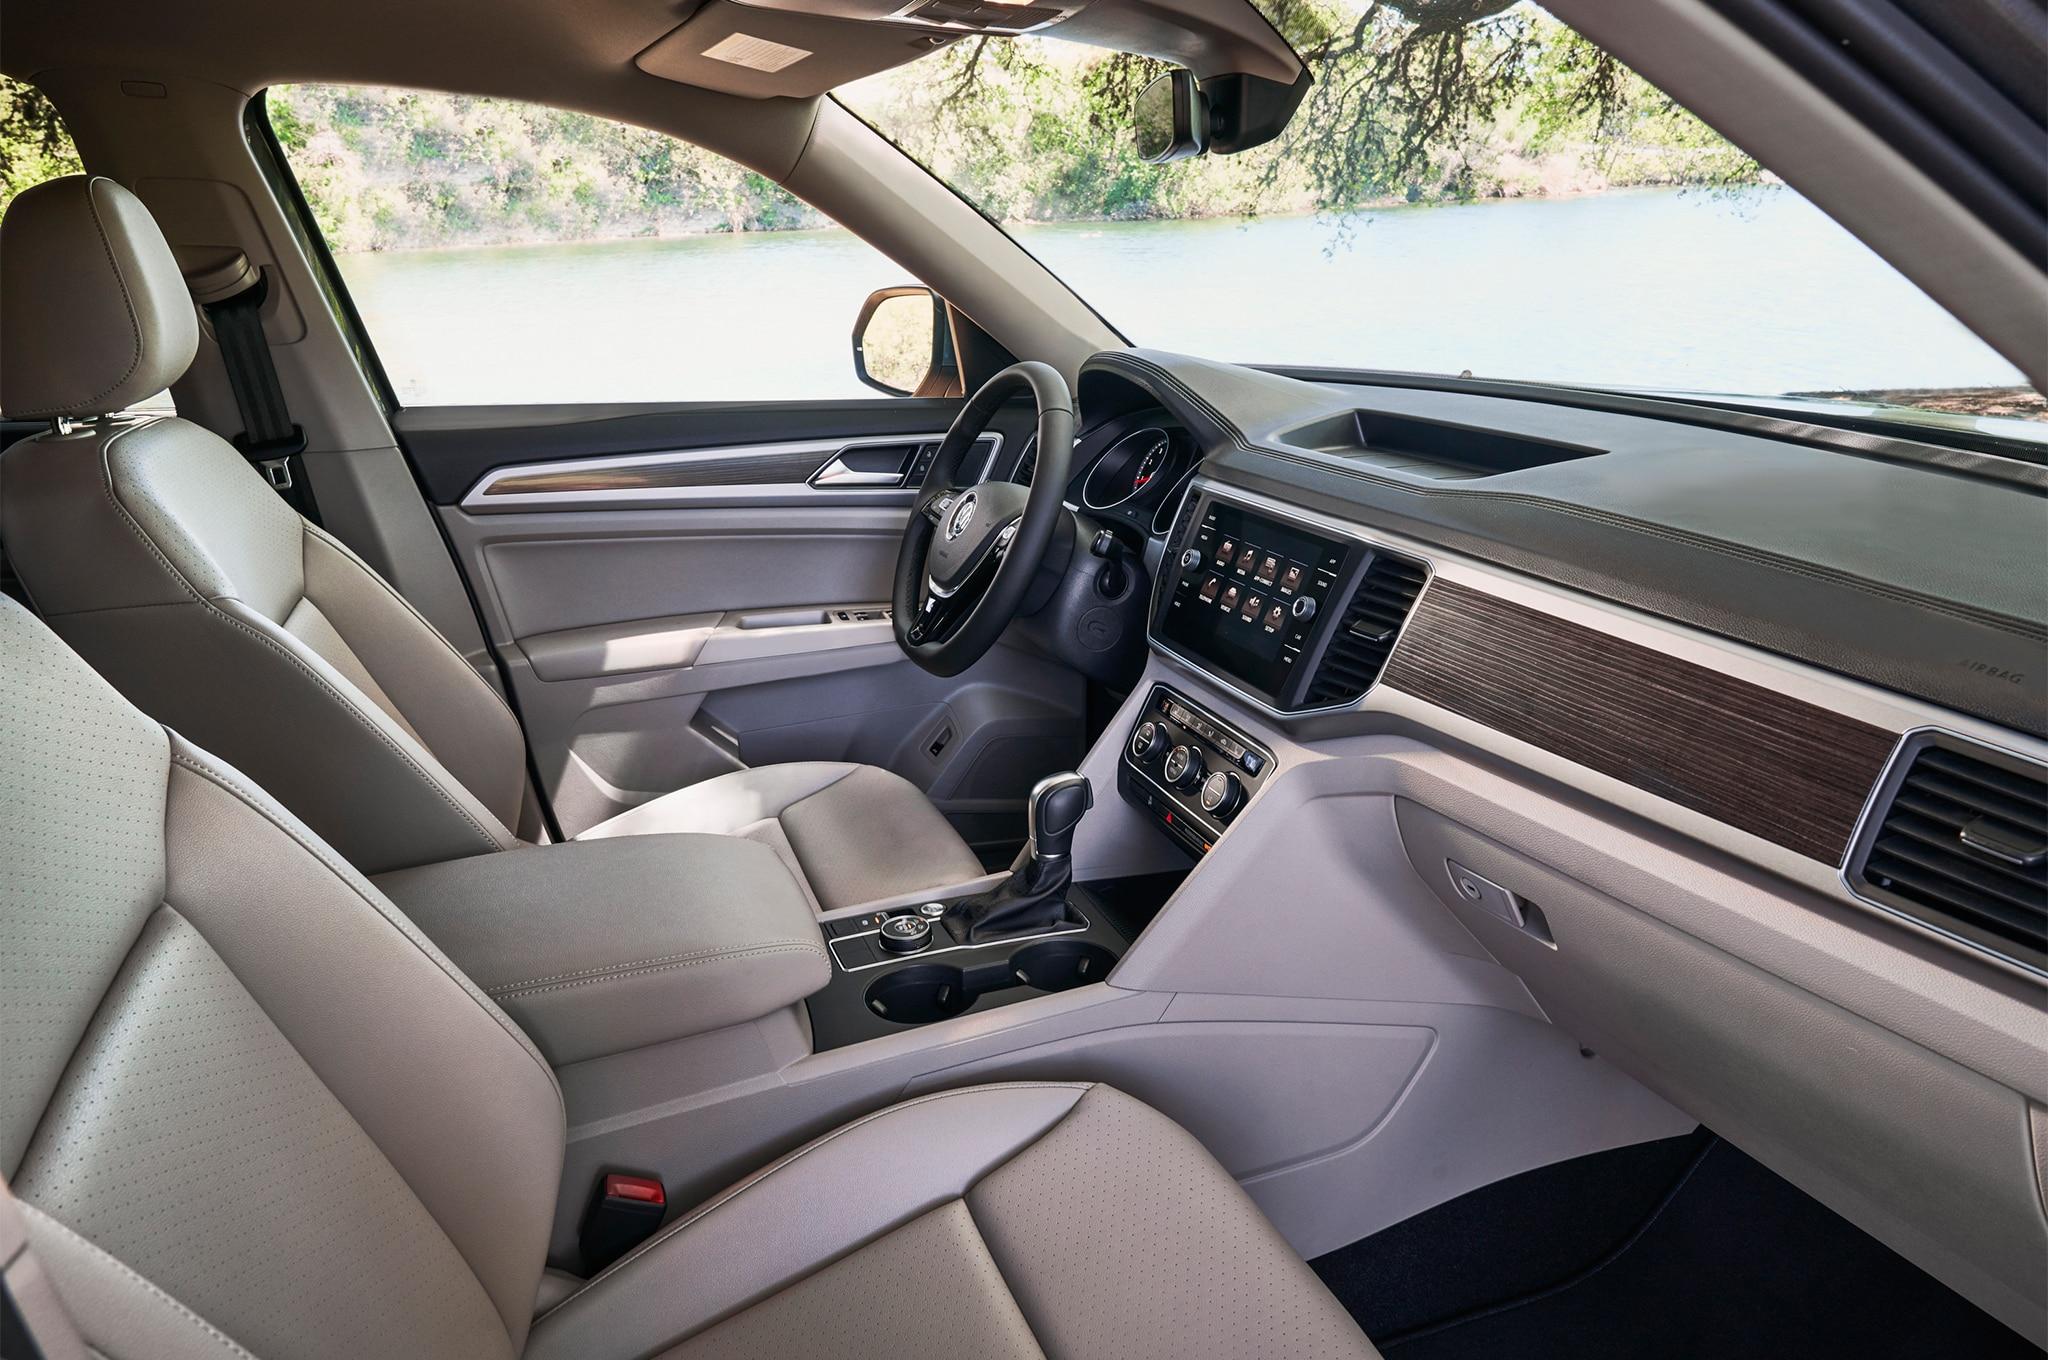 2018 Volkswagen Atlas cabin 01